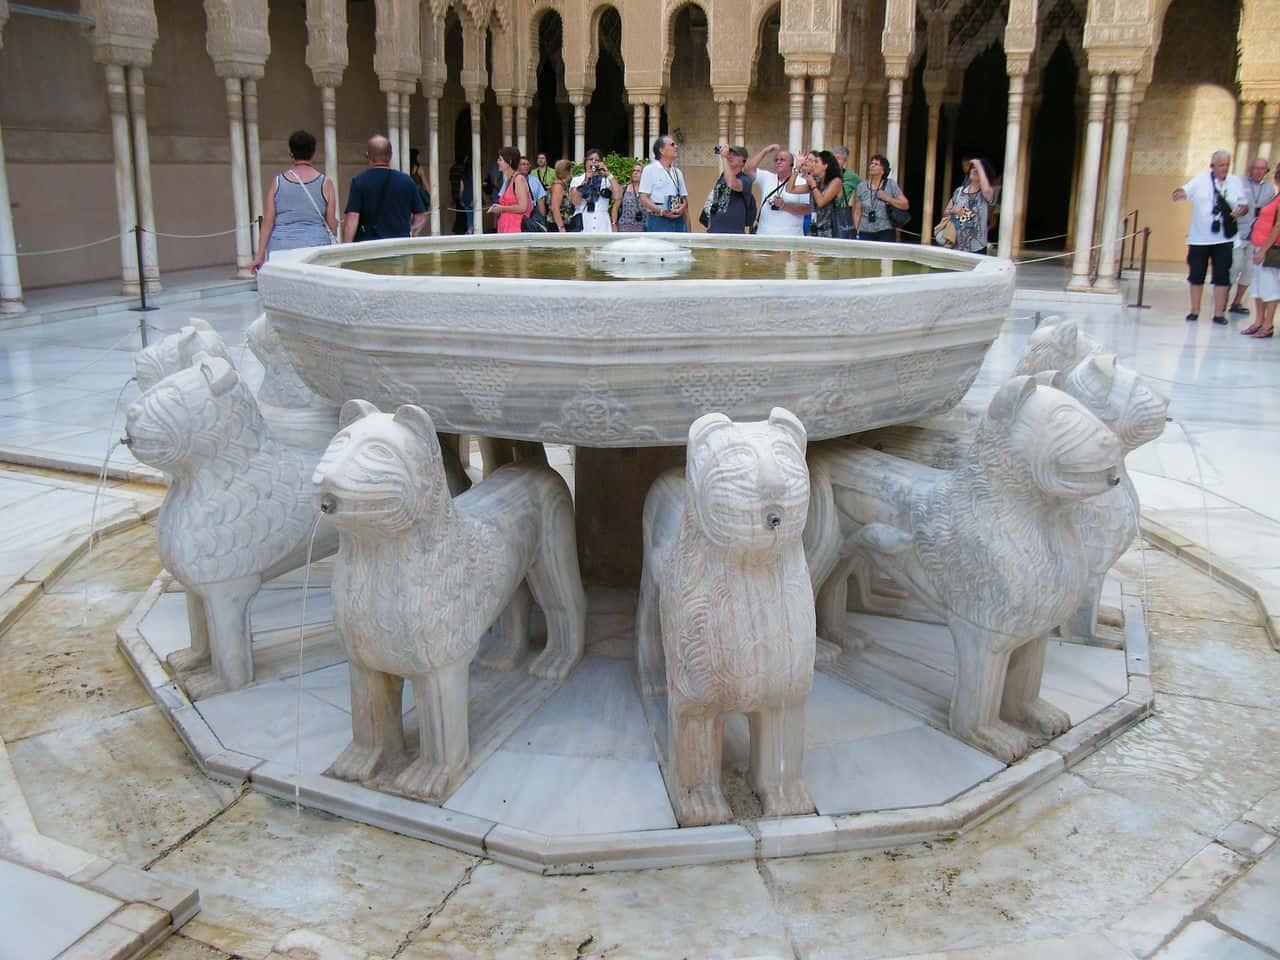 Львиный дворик в Альгамбре - фото